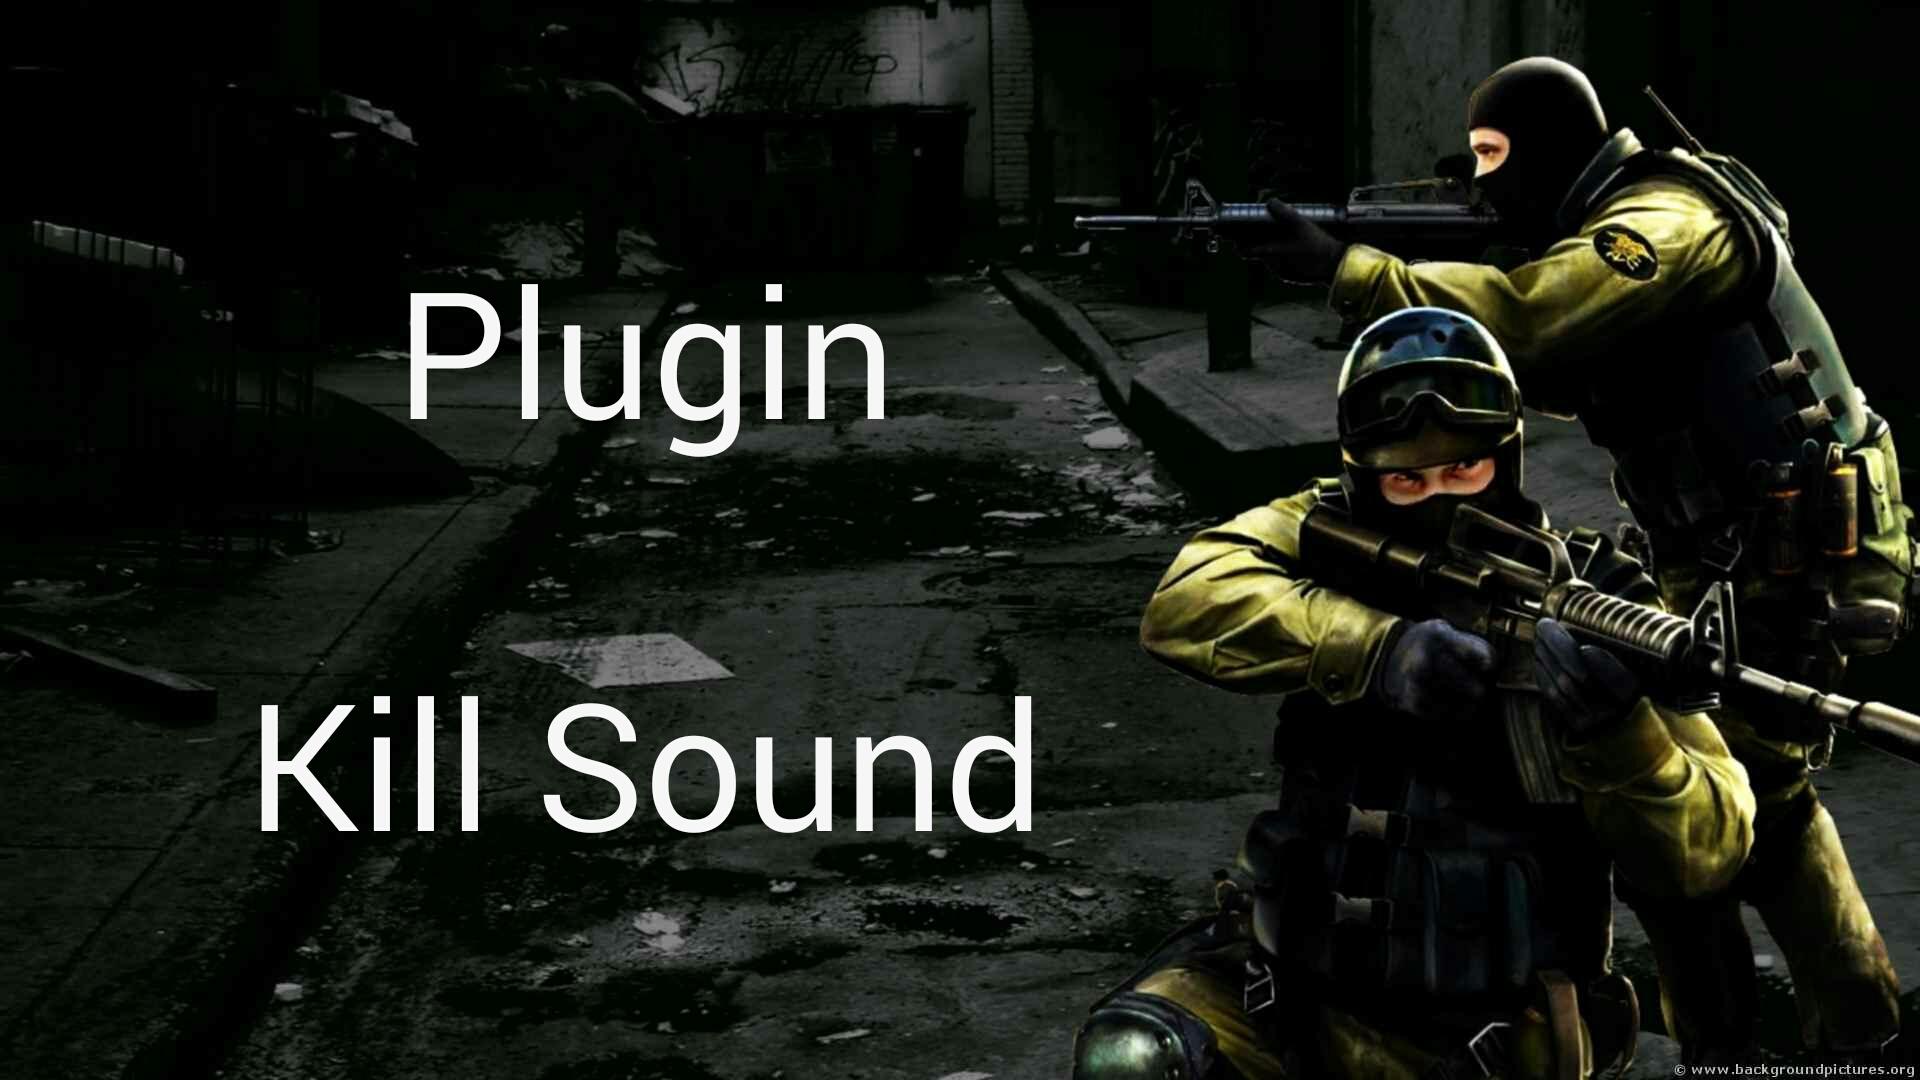 دانلود پلاگین Kill Sound برای کانتر استریک 1.6